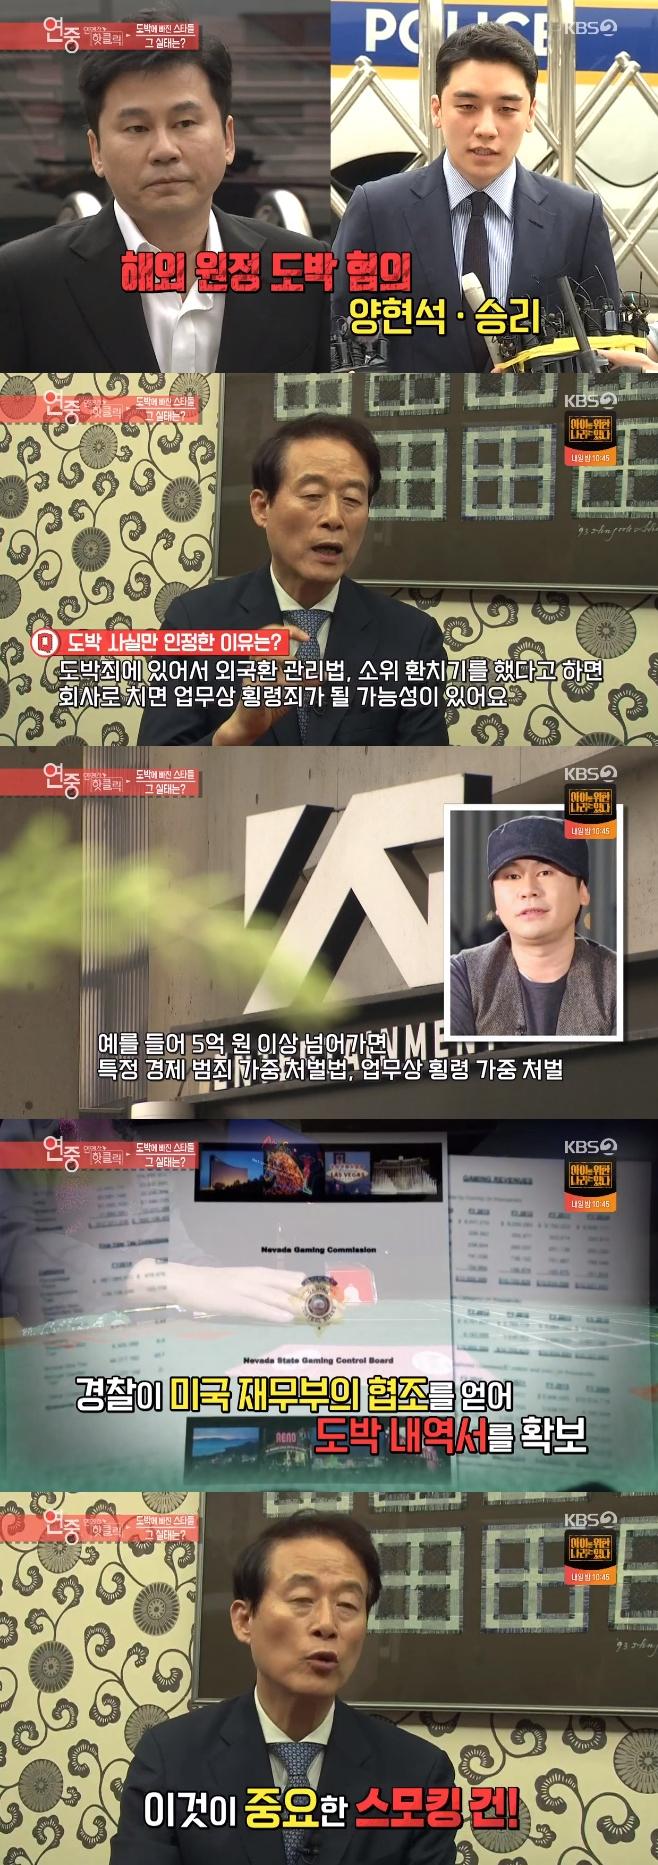 KBS2 연예가중계, 양현석 승리